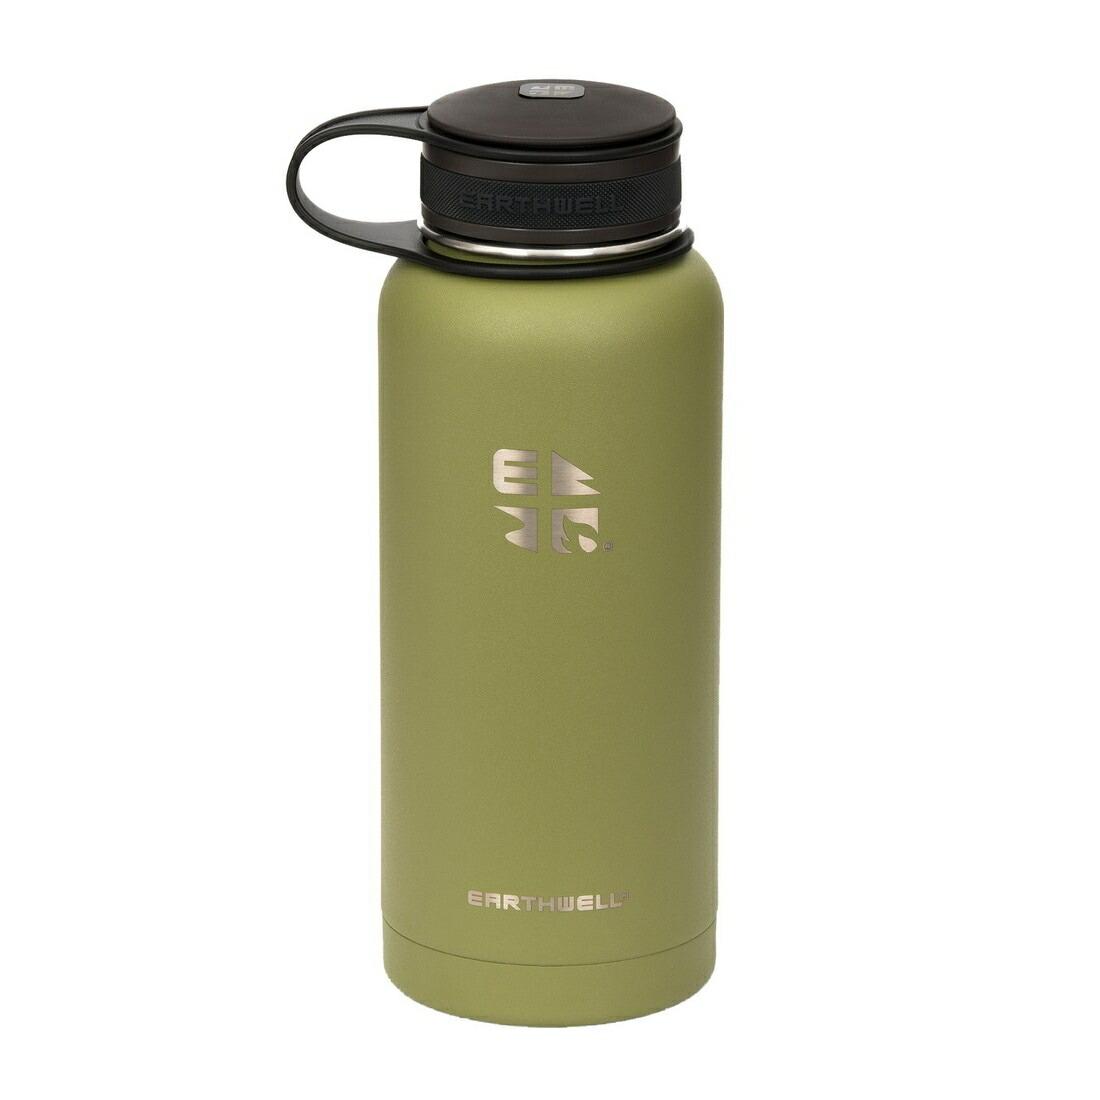 アースウェル クーラーボトル 32oz 保温 ボトル 水筒  正規品